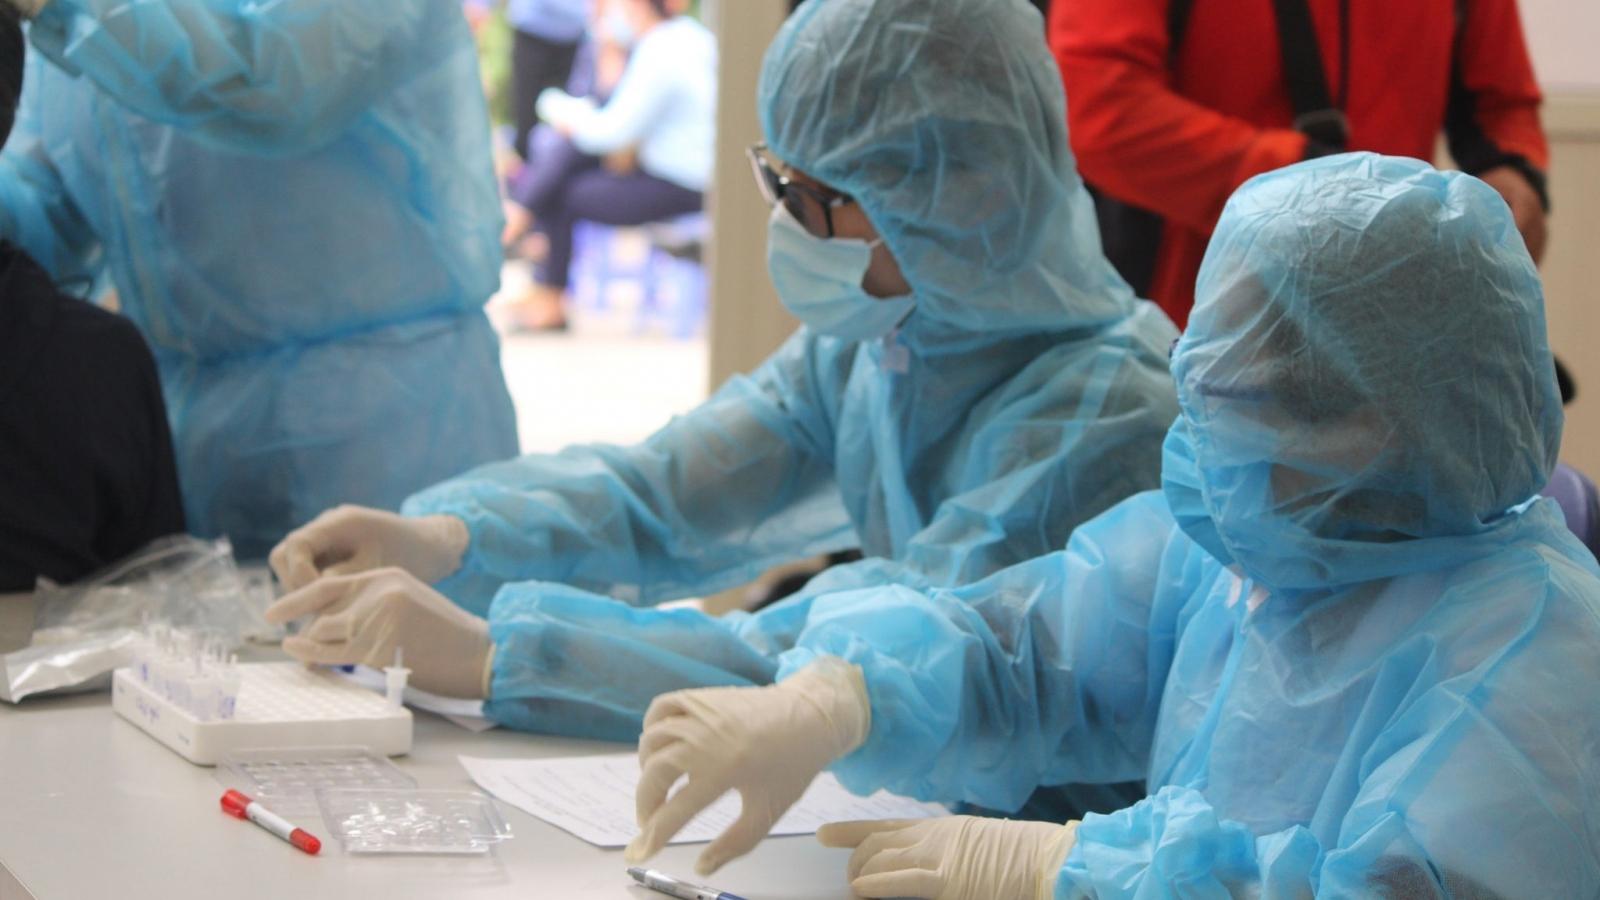 Hà Nội có thêm 4 ca dương tính với SARS-CoV-2 liên quan đến chùm ca bệnh ở Đông Anh